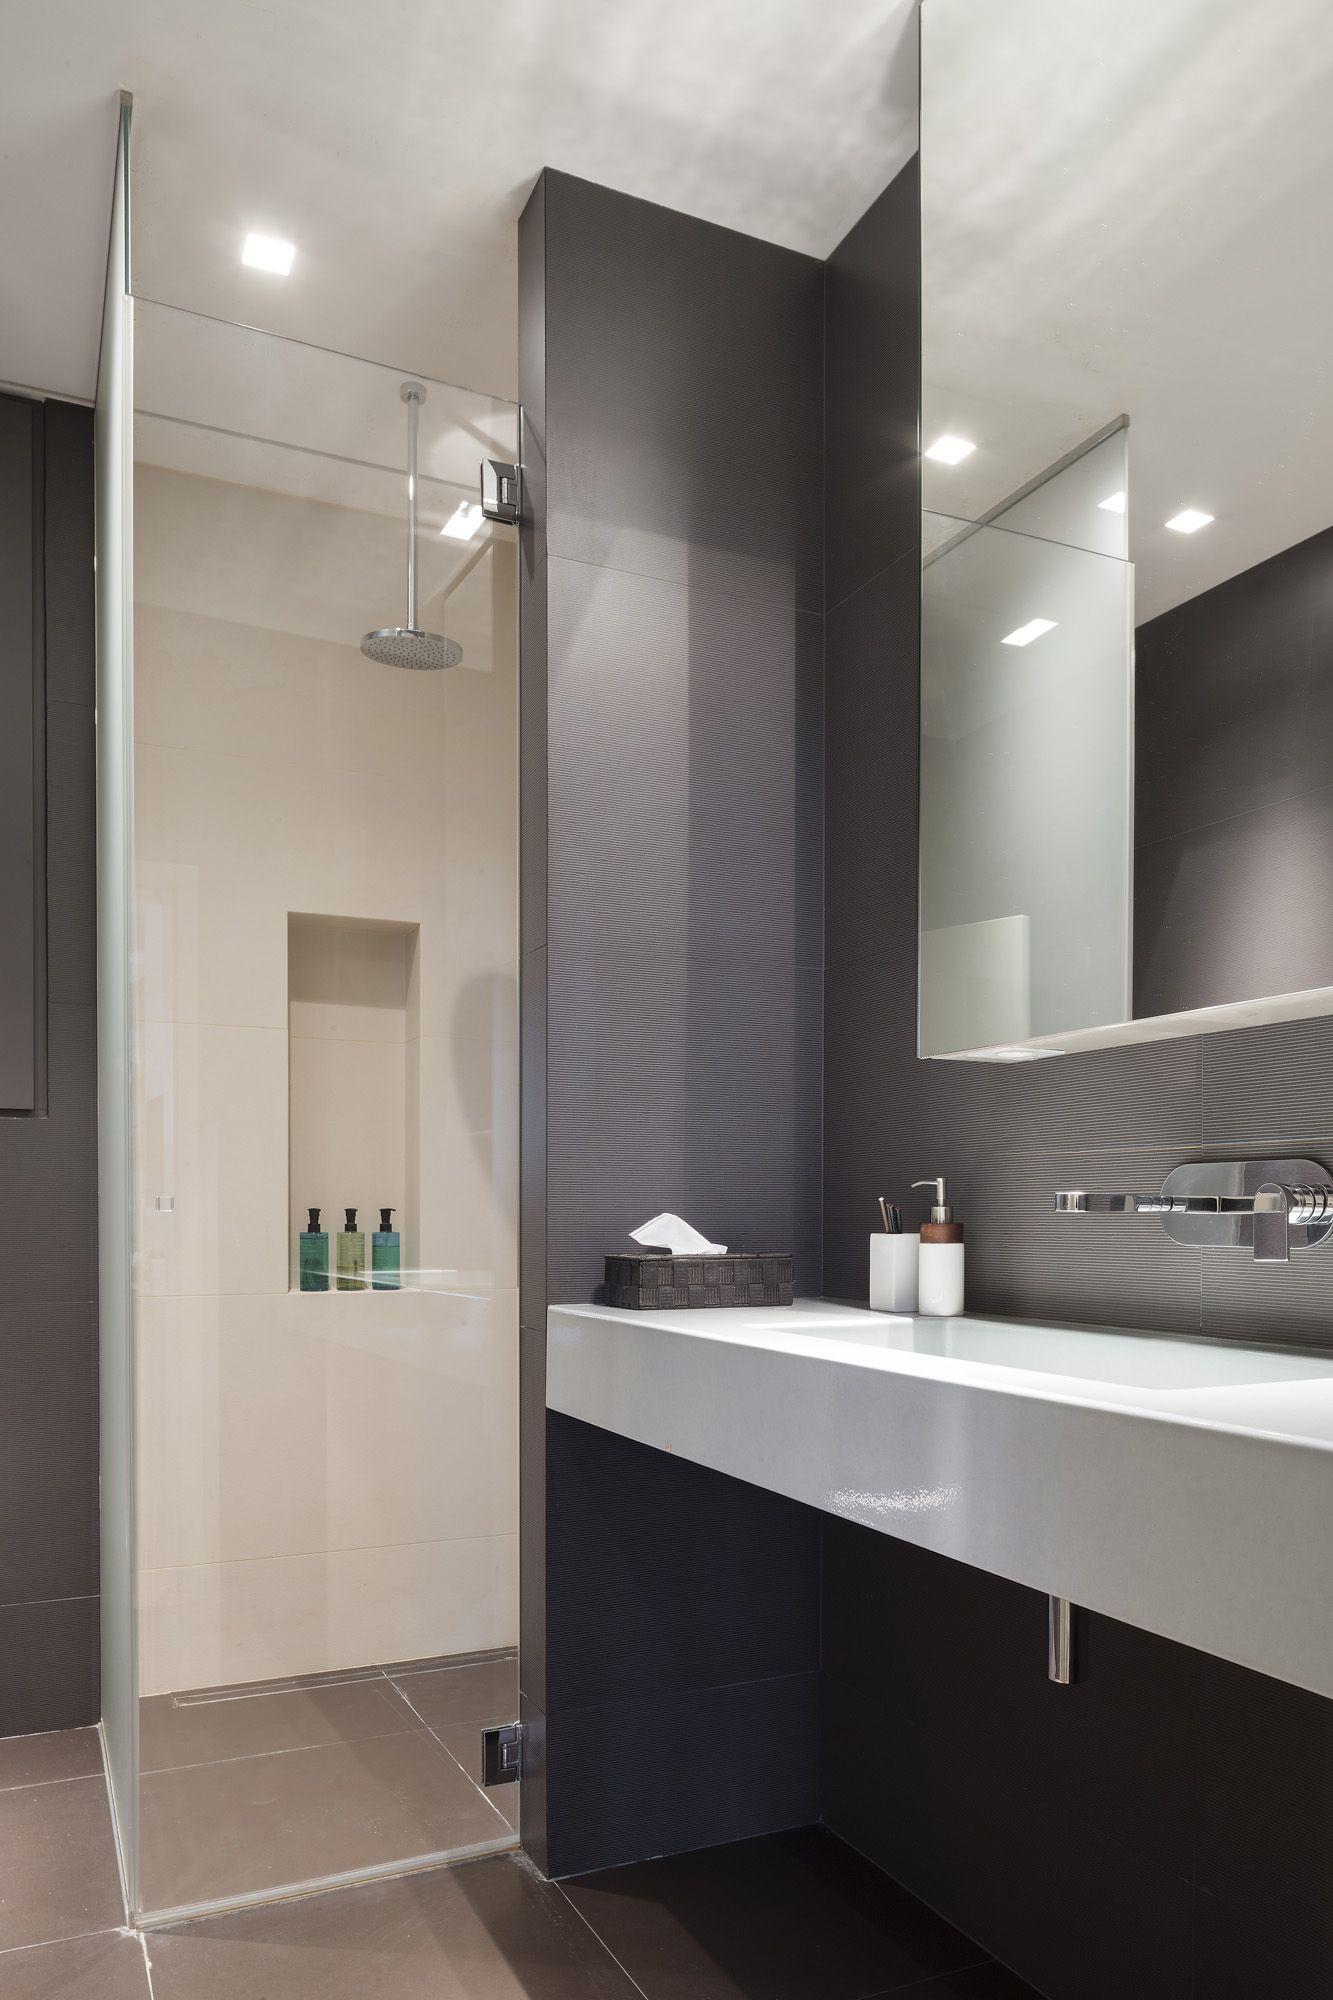 Prive Appartements Badgestaltung Badezimmerideen Badezimmer Dachgeschoss